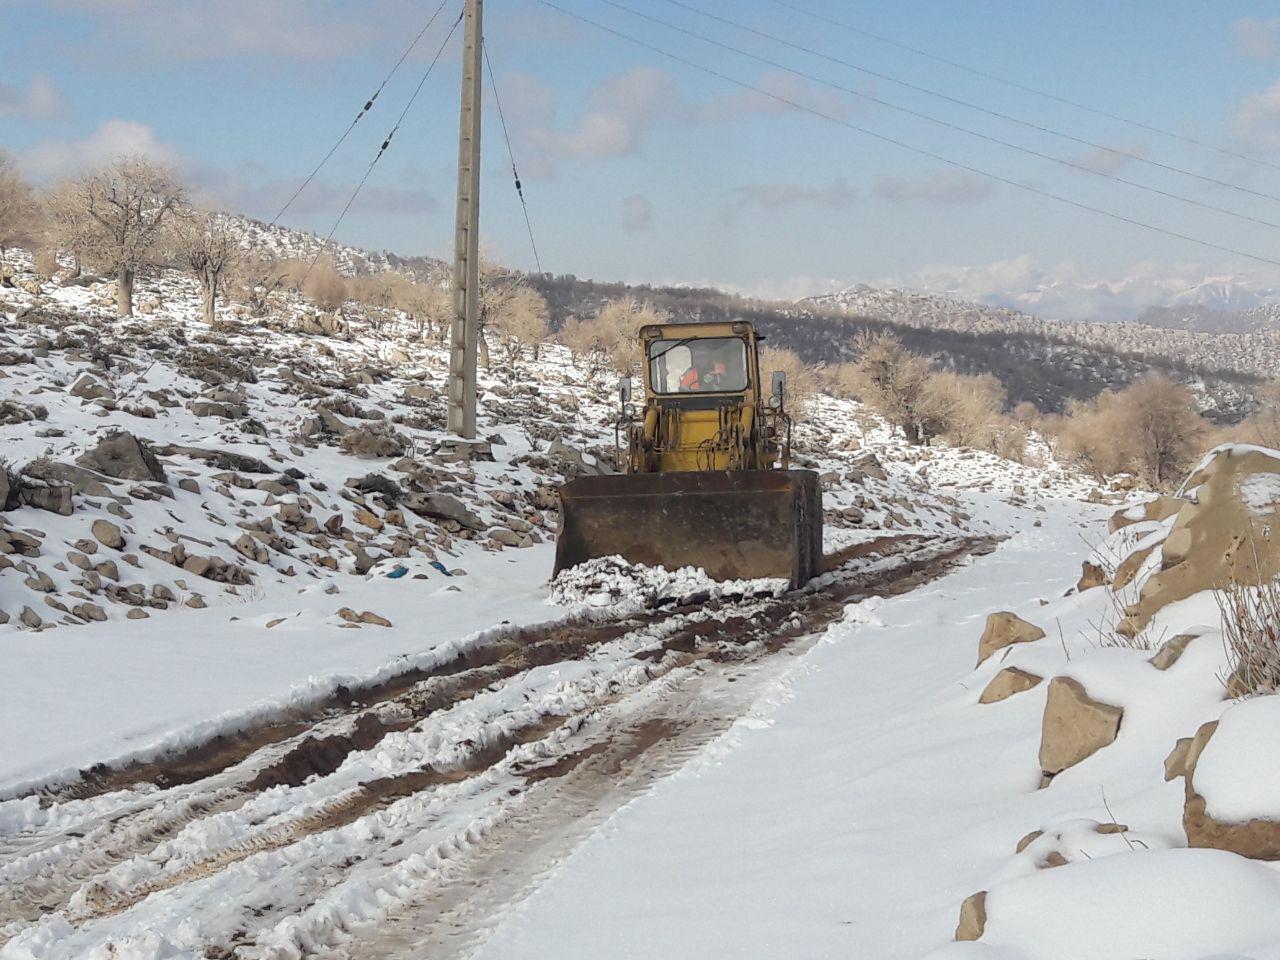 مسیر روستاهای برفگیر دزفول بازگشایی شد